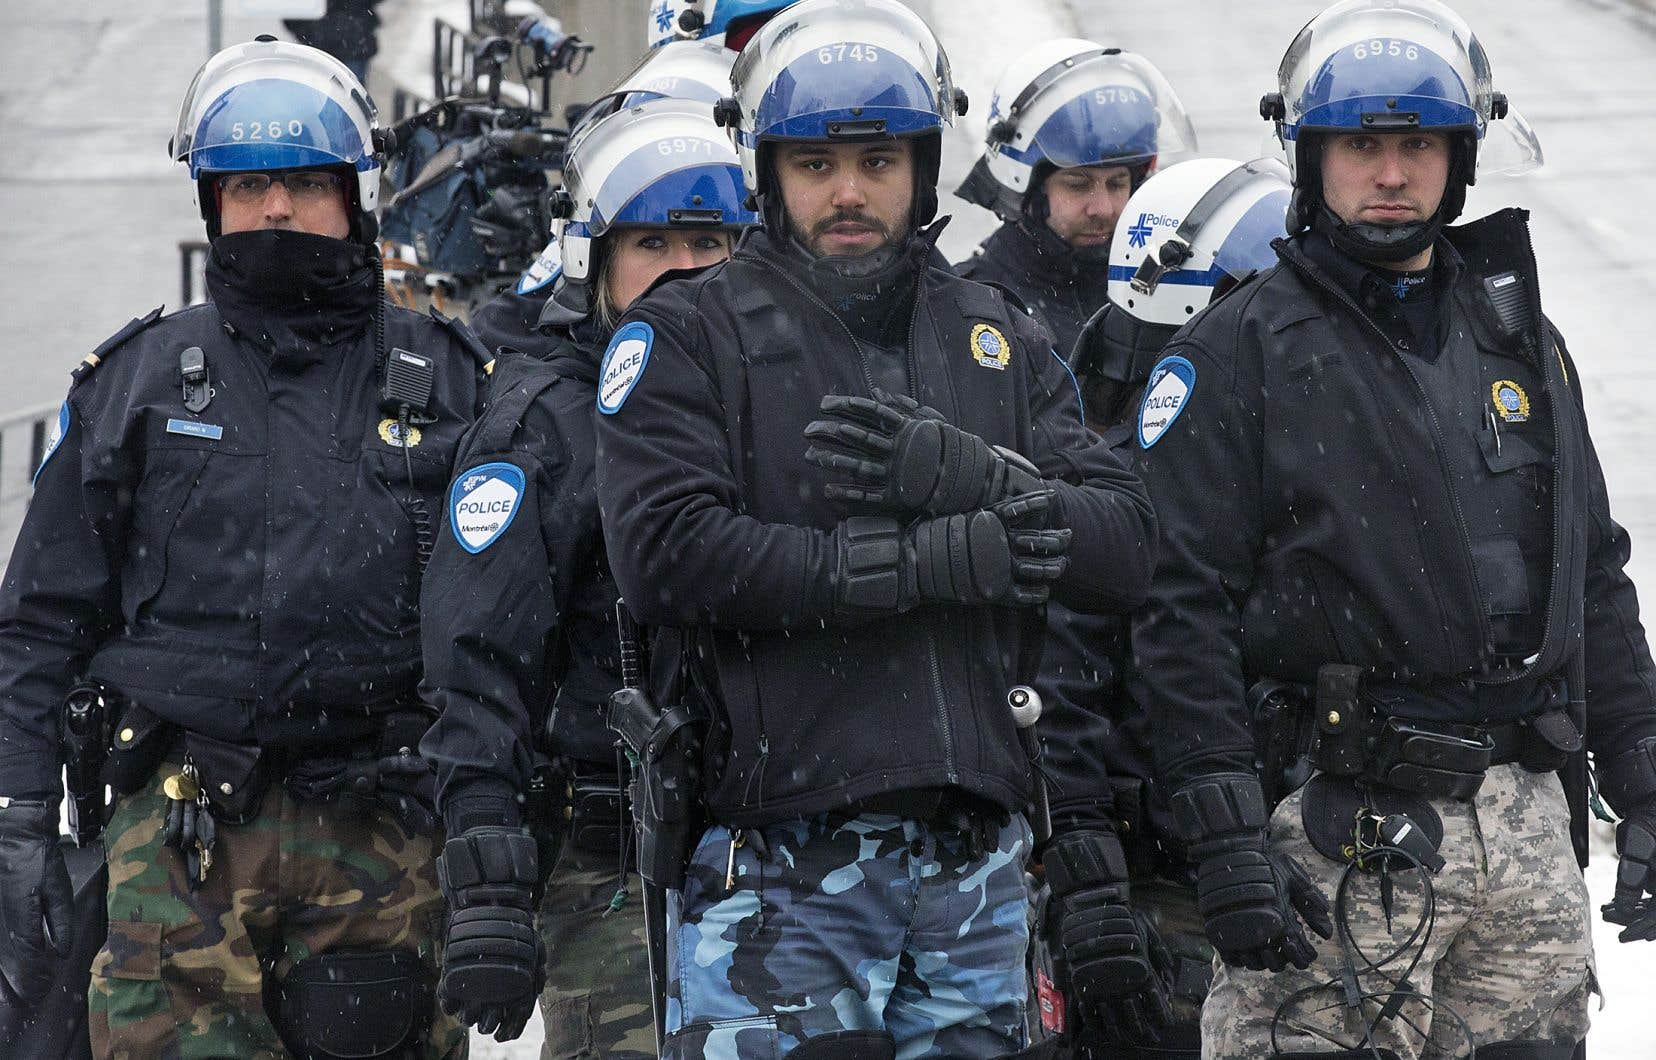 Les policiers sont d'abord et avant tout des employés de l'État et ils ne sont que très secondairement des incarnations de celui-ci.